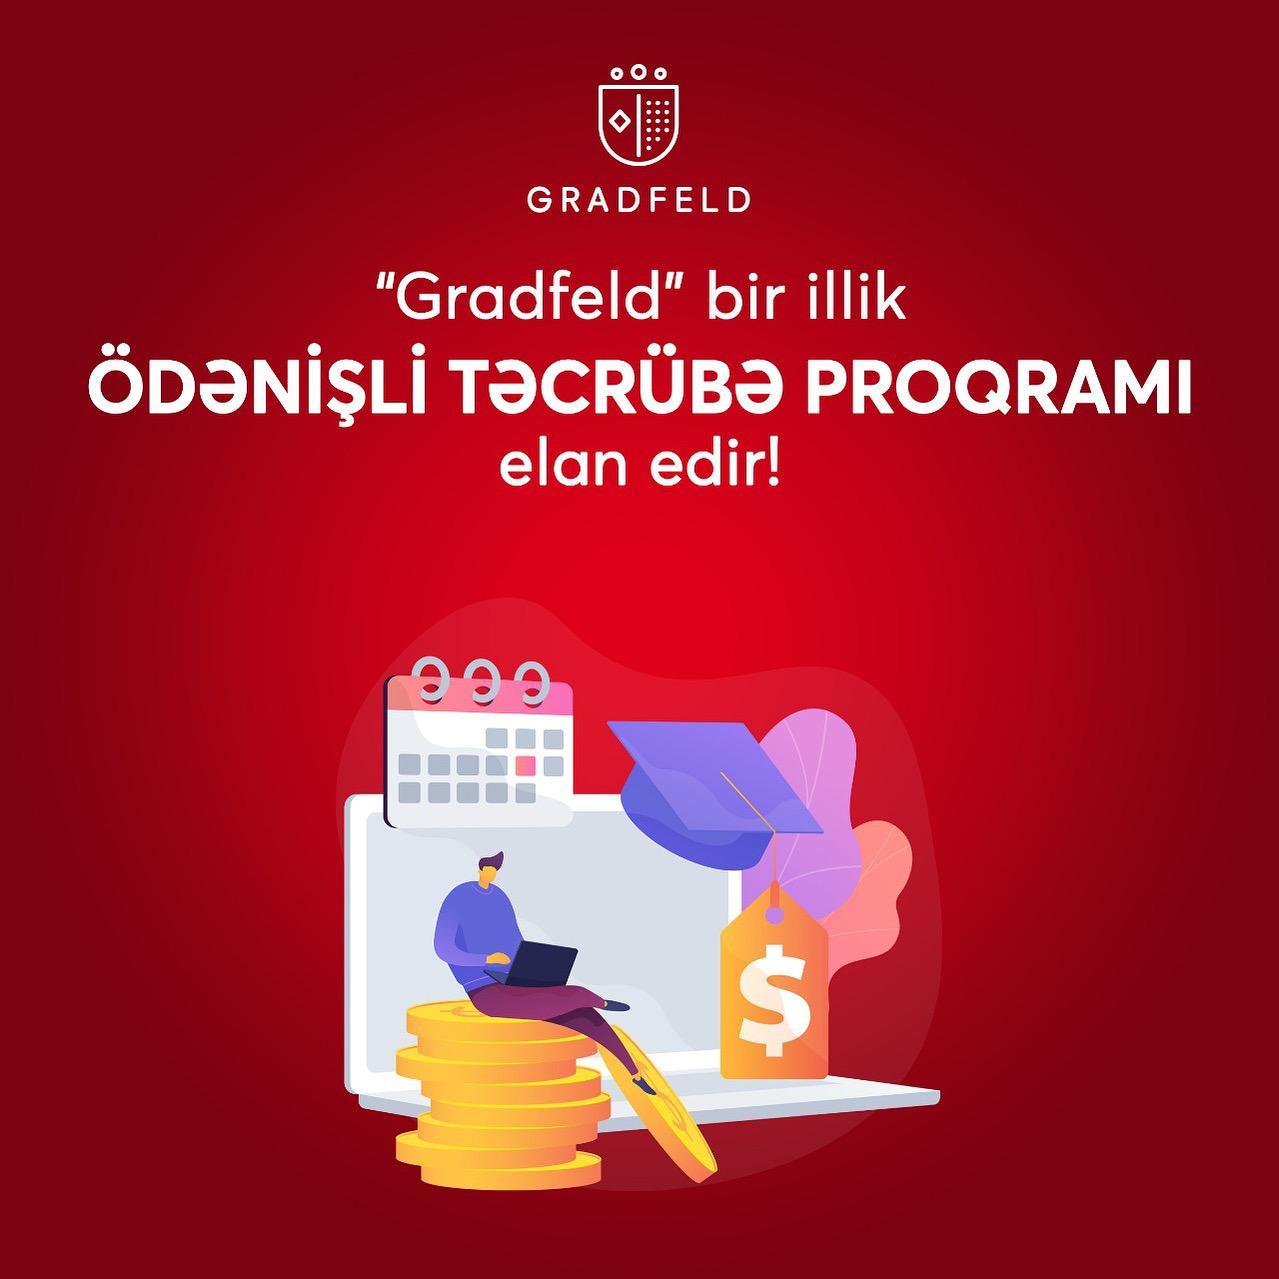 Gradfeld-də Yeni Təcrübə proqramı